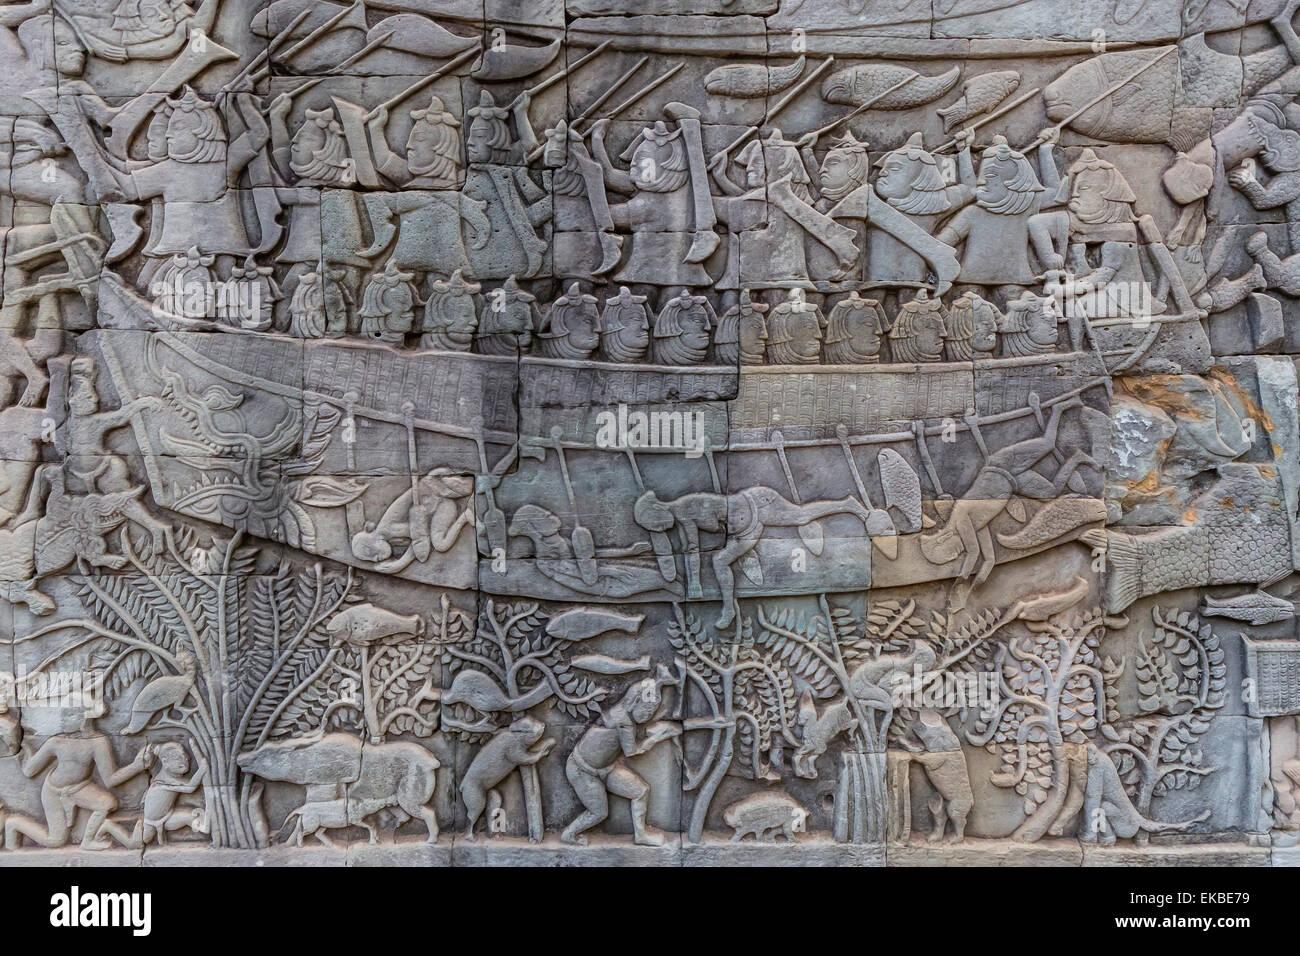 Bajorrelieve tallas de Prasat Bayon, Angkor Thom, Angkor, UNESCO, Siem Reap, Camboya, en Indochina, en el sudeste Imagen De Stock